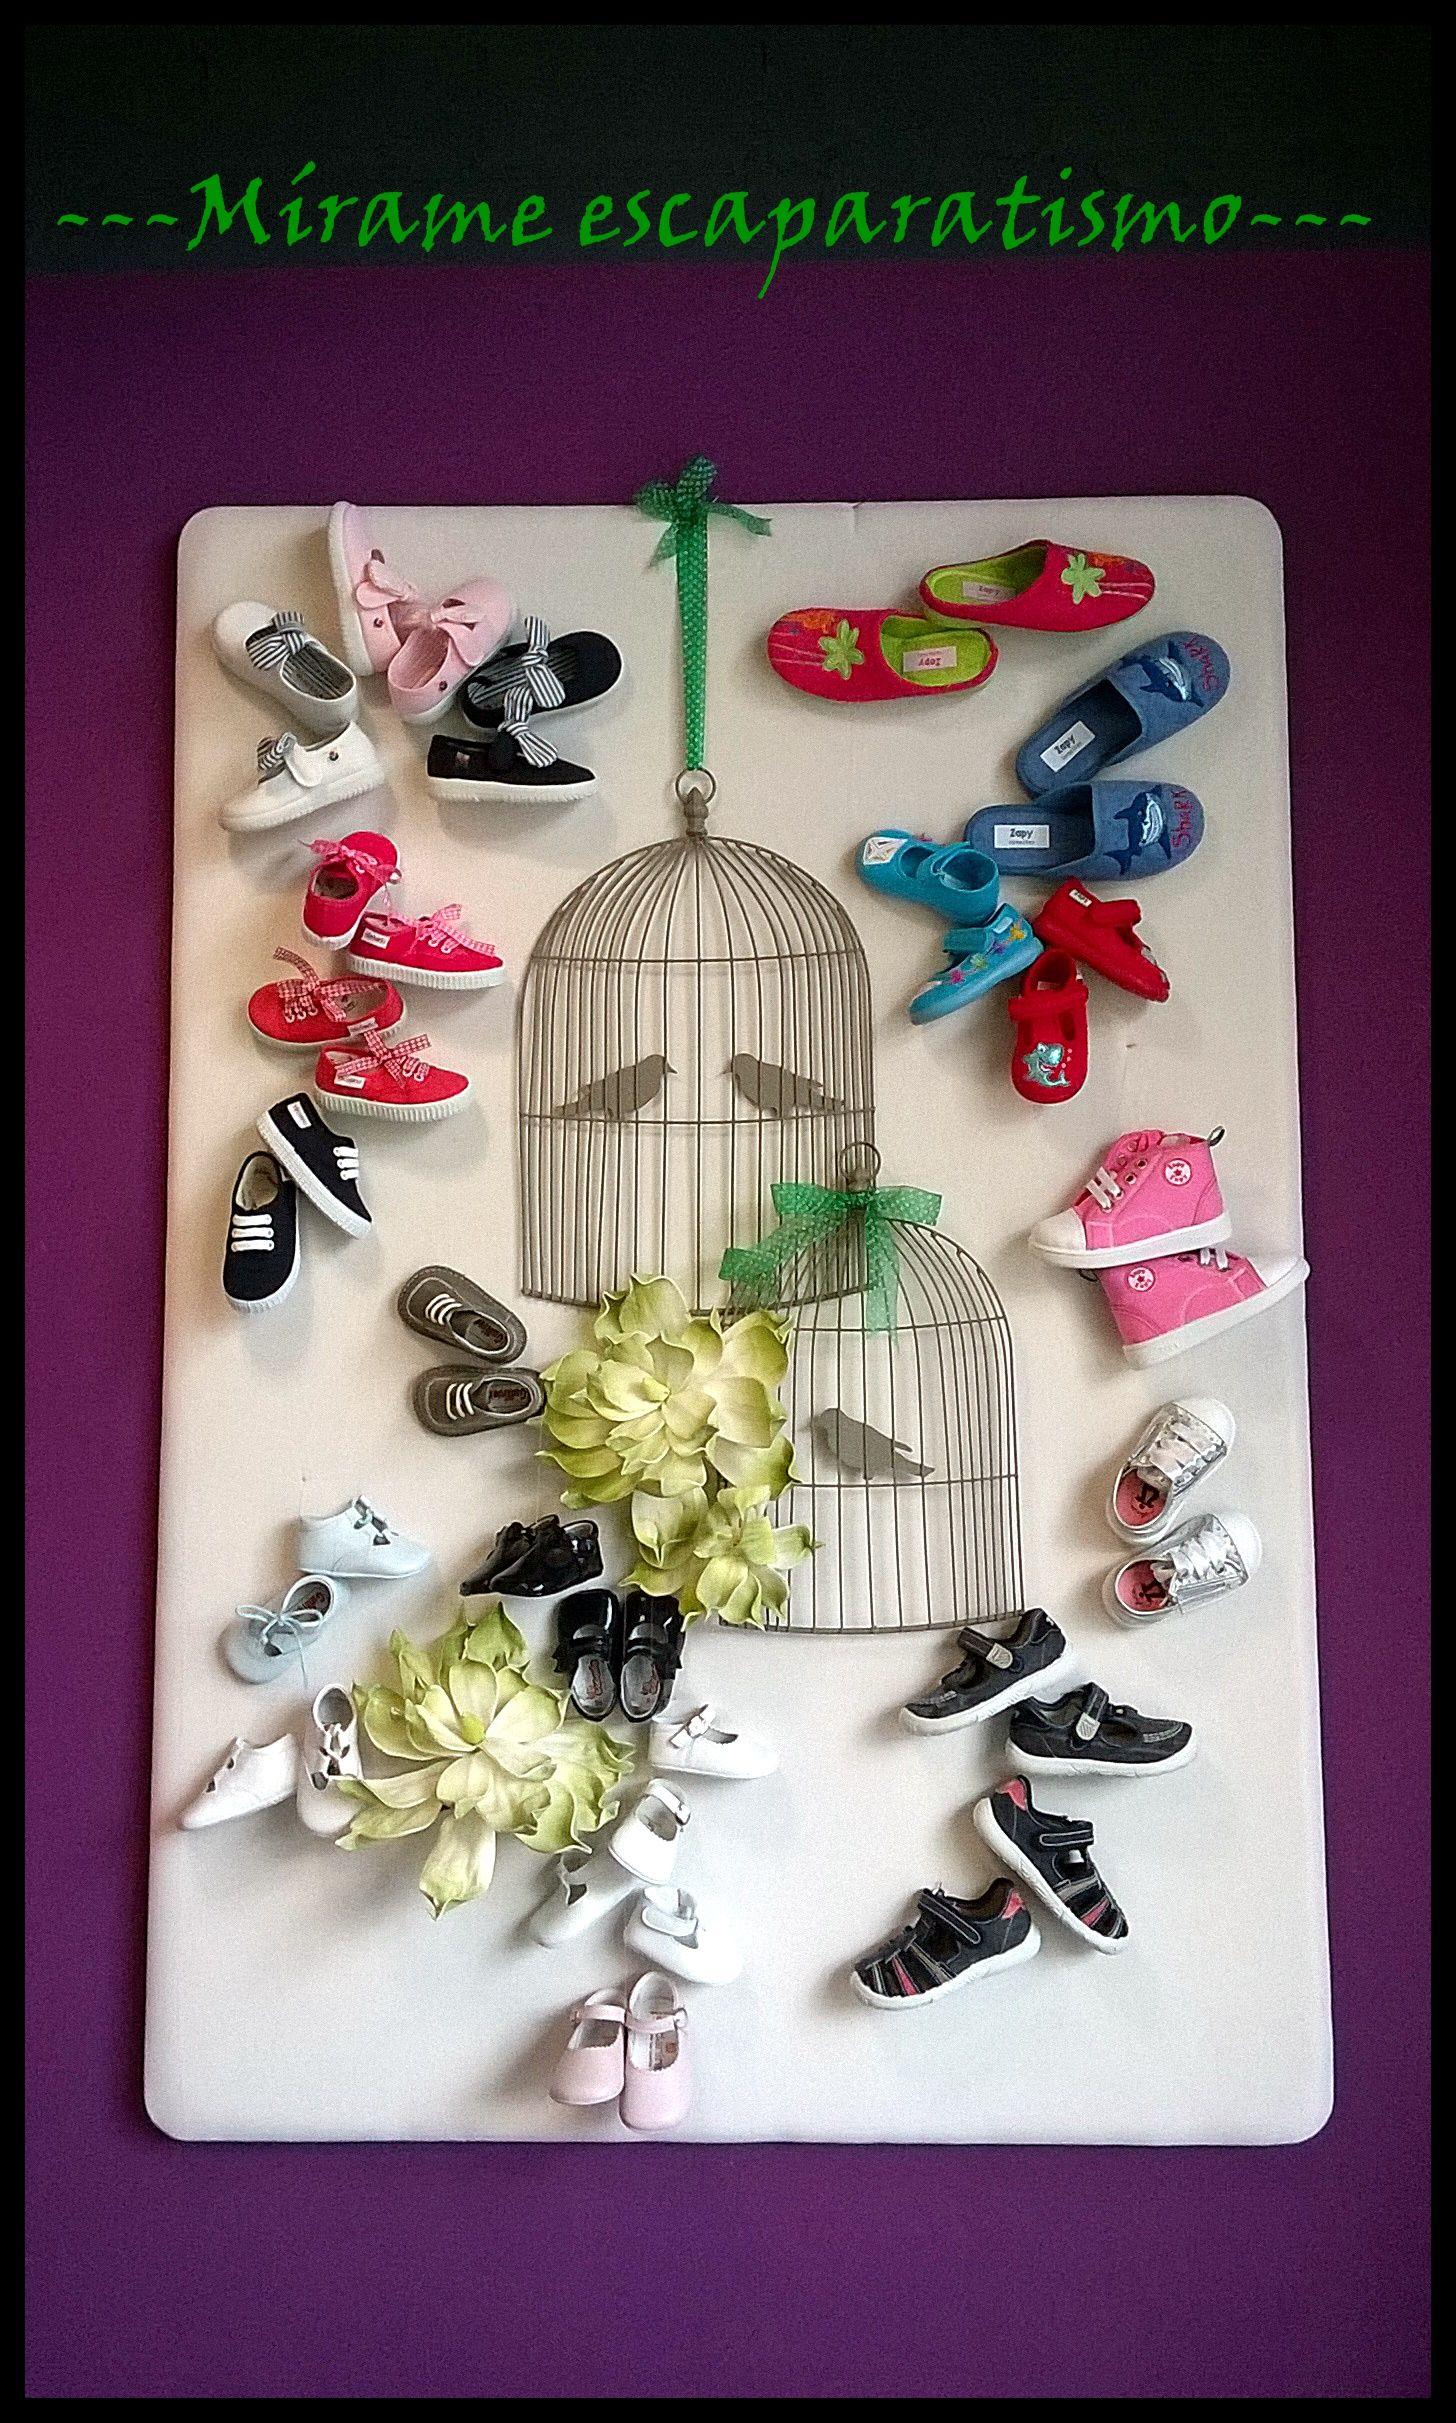 5e7ad6d01 Exposición interior en zapatería infantil. Realizado por Mírame  escaparatismo.